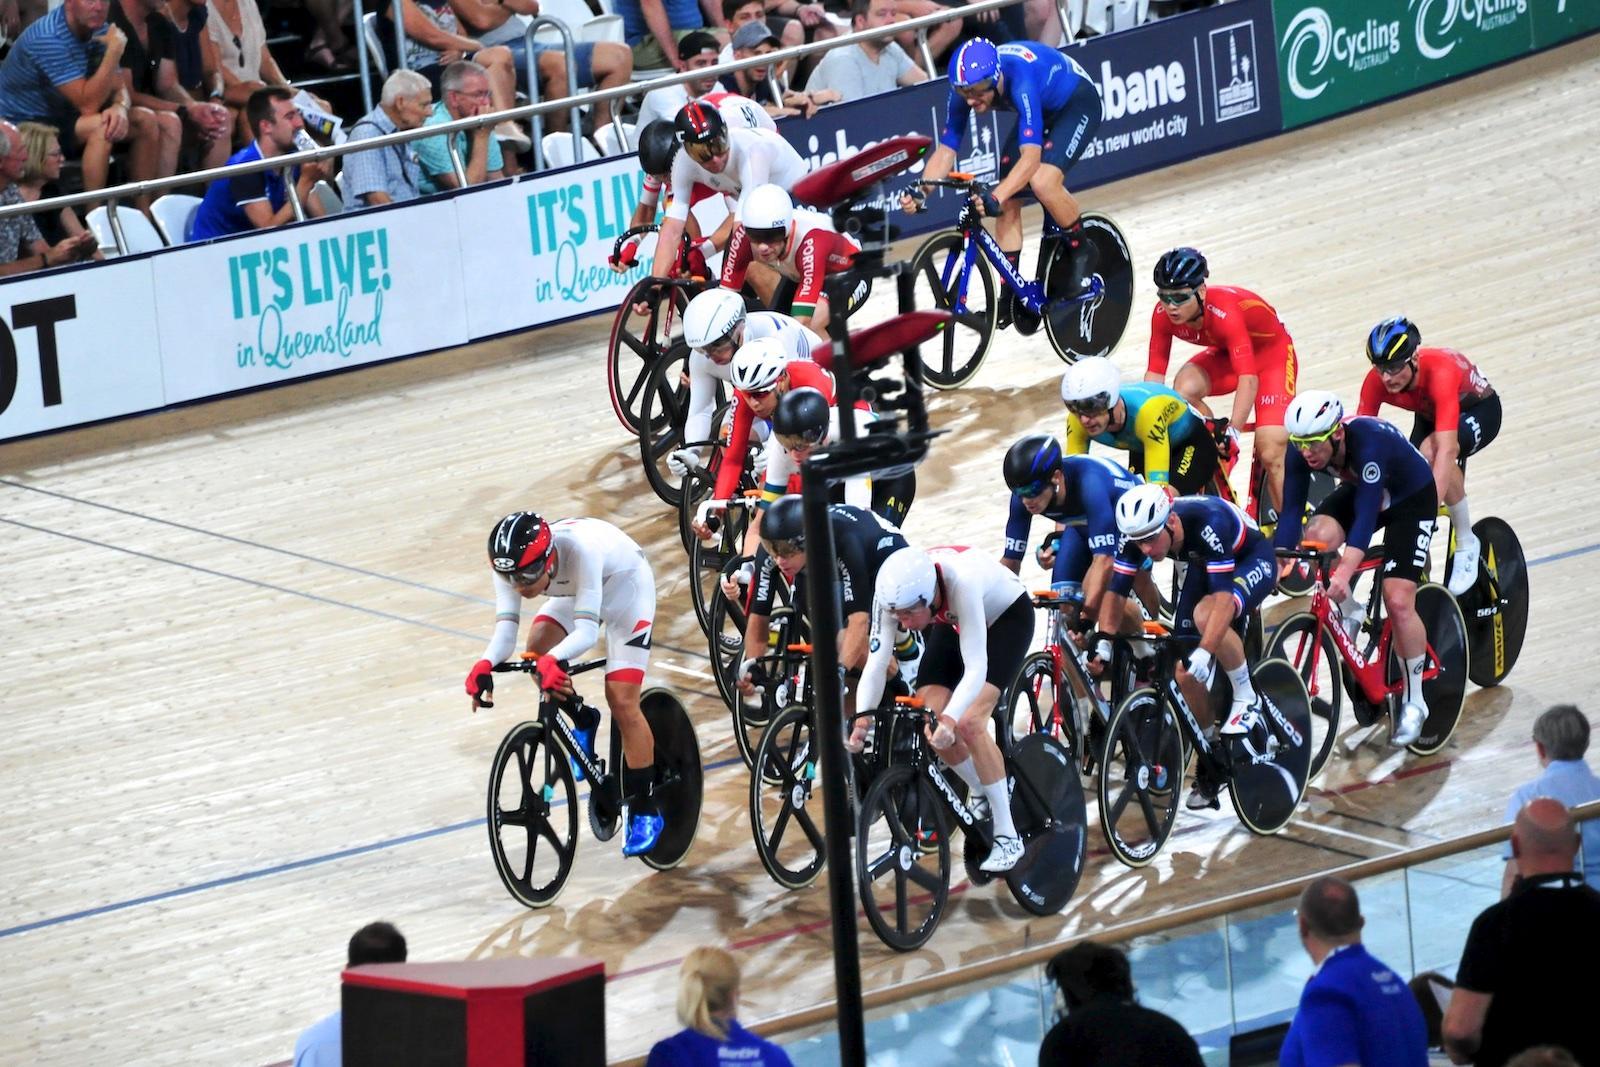 2020トラック世界選手権で決まる、東京2020本大会 日本出場枠獲得の見込み